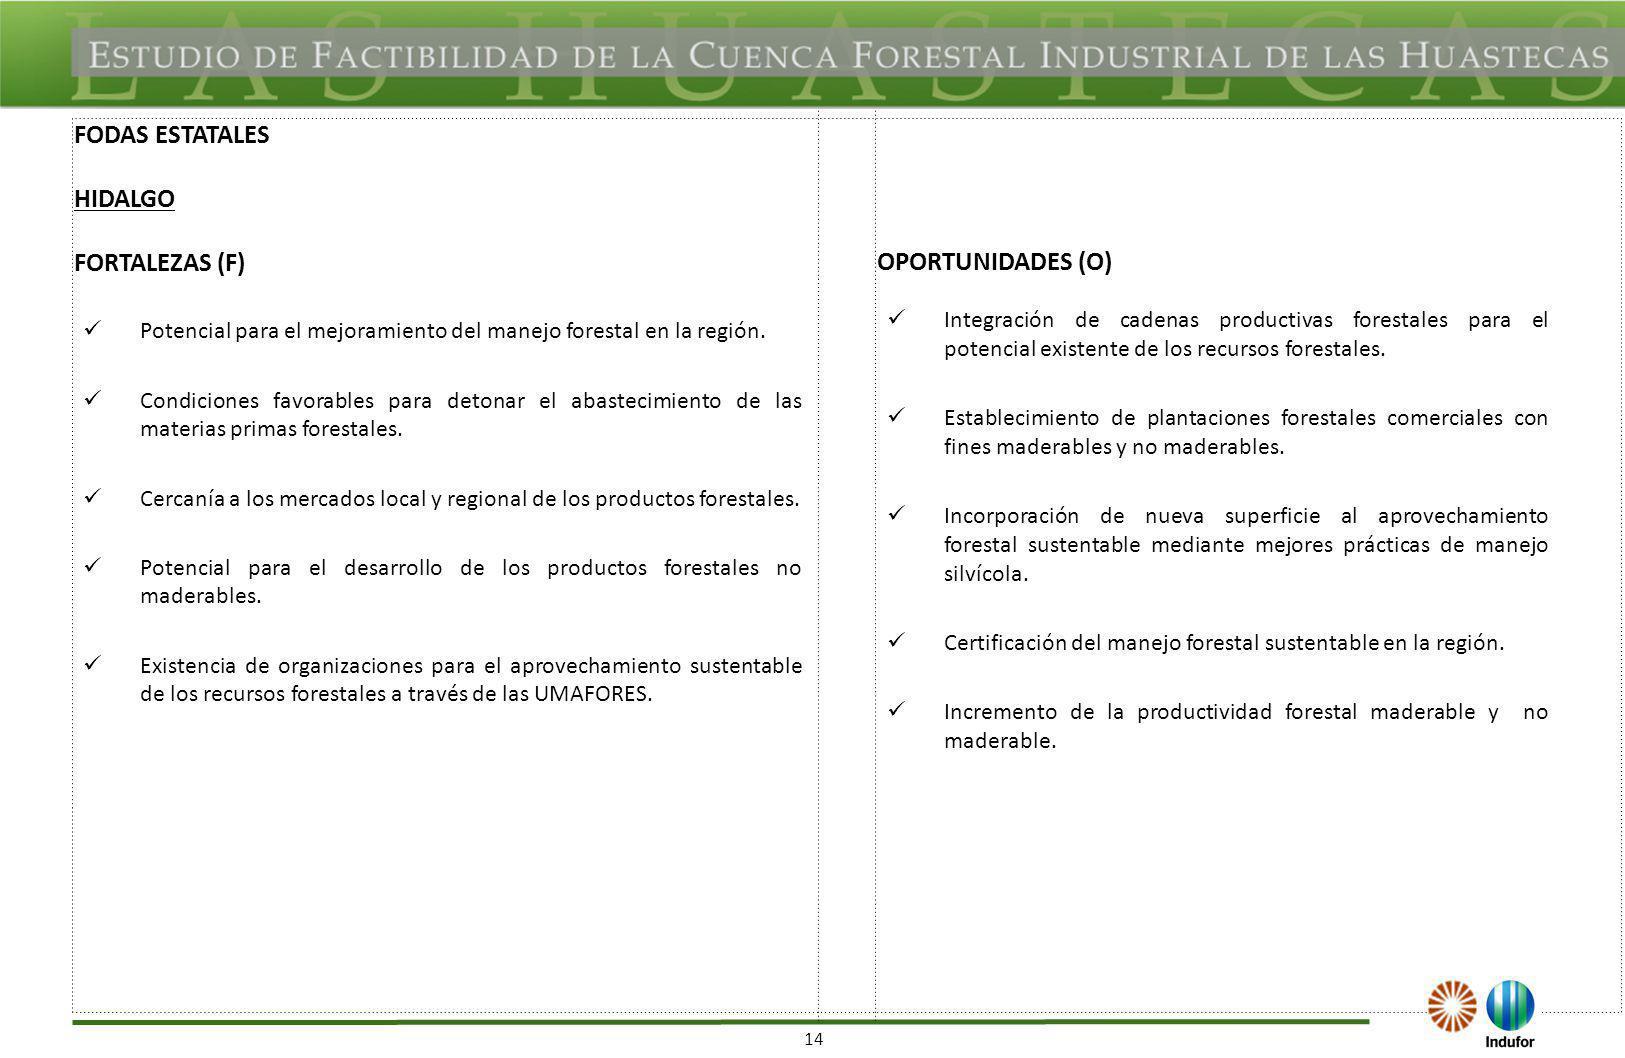 14 FODAS ESTATALES HIDALGO FORTALEZAS (F) OPORTUNIDADES (O) Potencial para el mejoramiento del manejo forestal en la región. Condiciones favorables pa